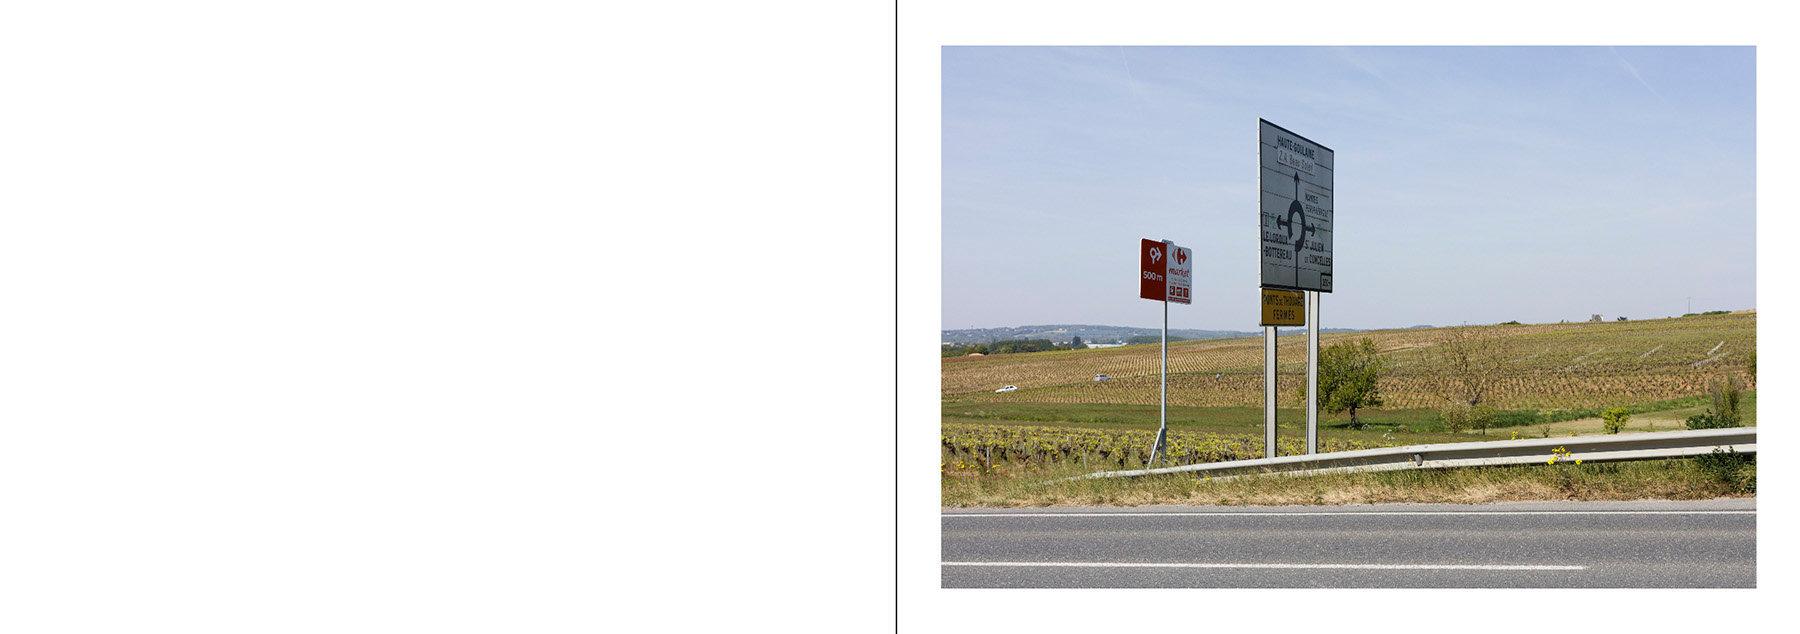 Le Loraux-Bottereau_Mauves-sur-Loire-page004 copie.jpg